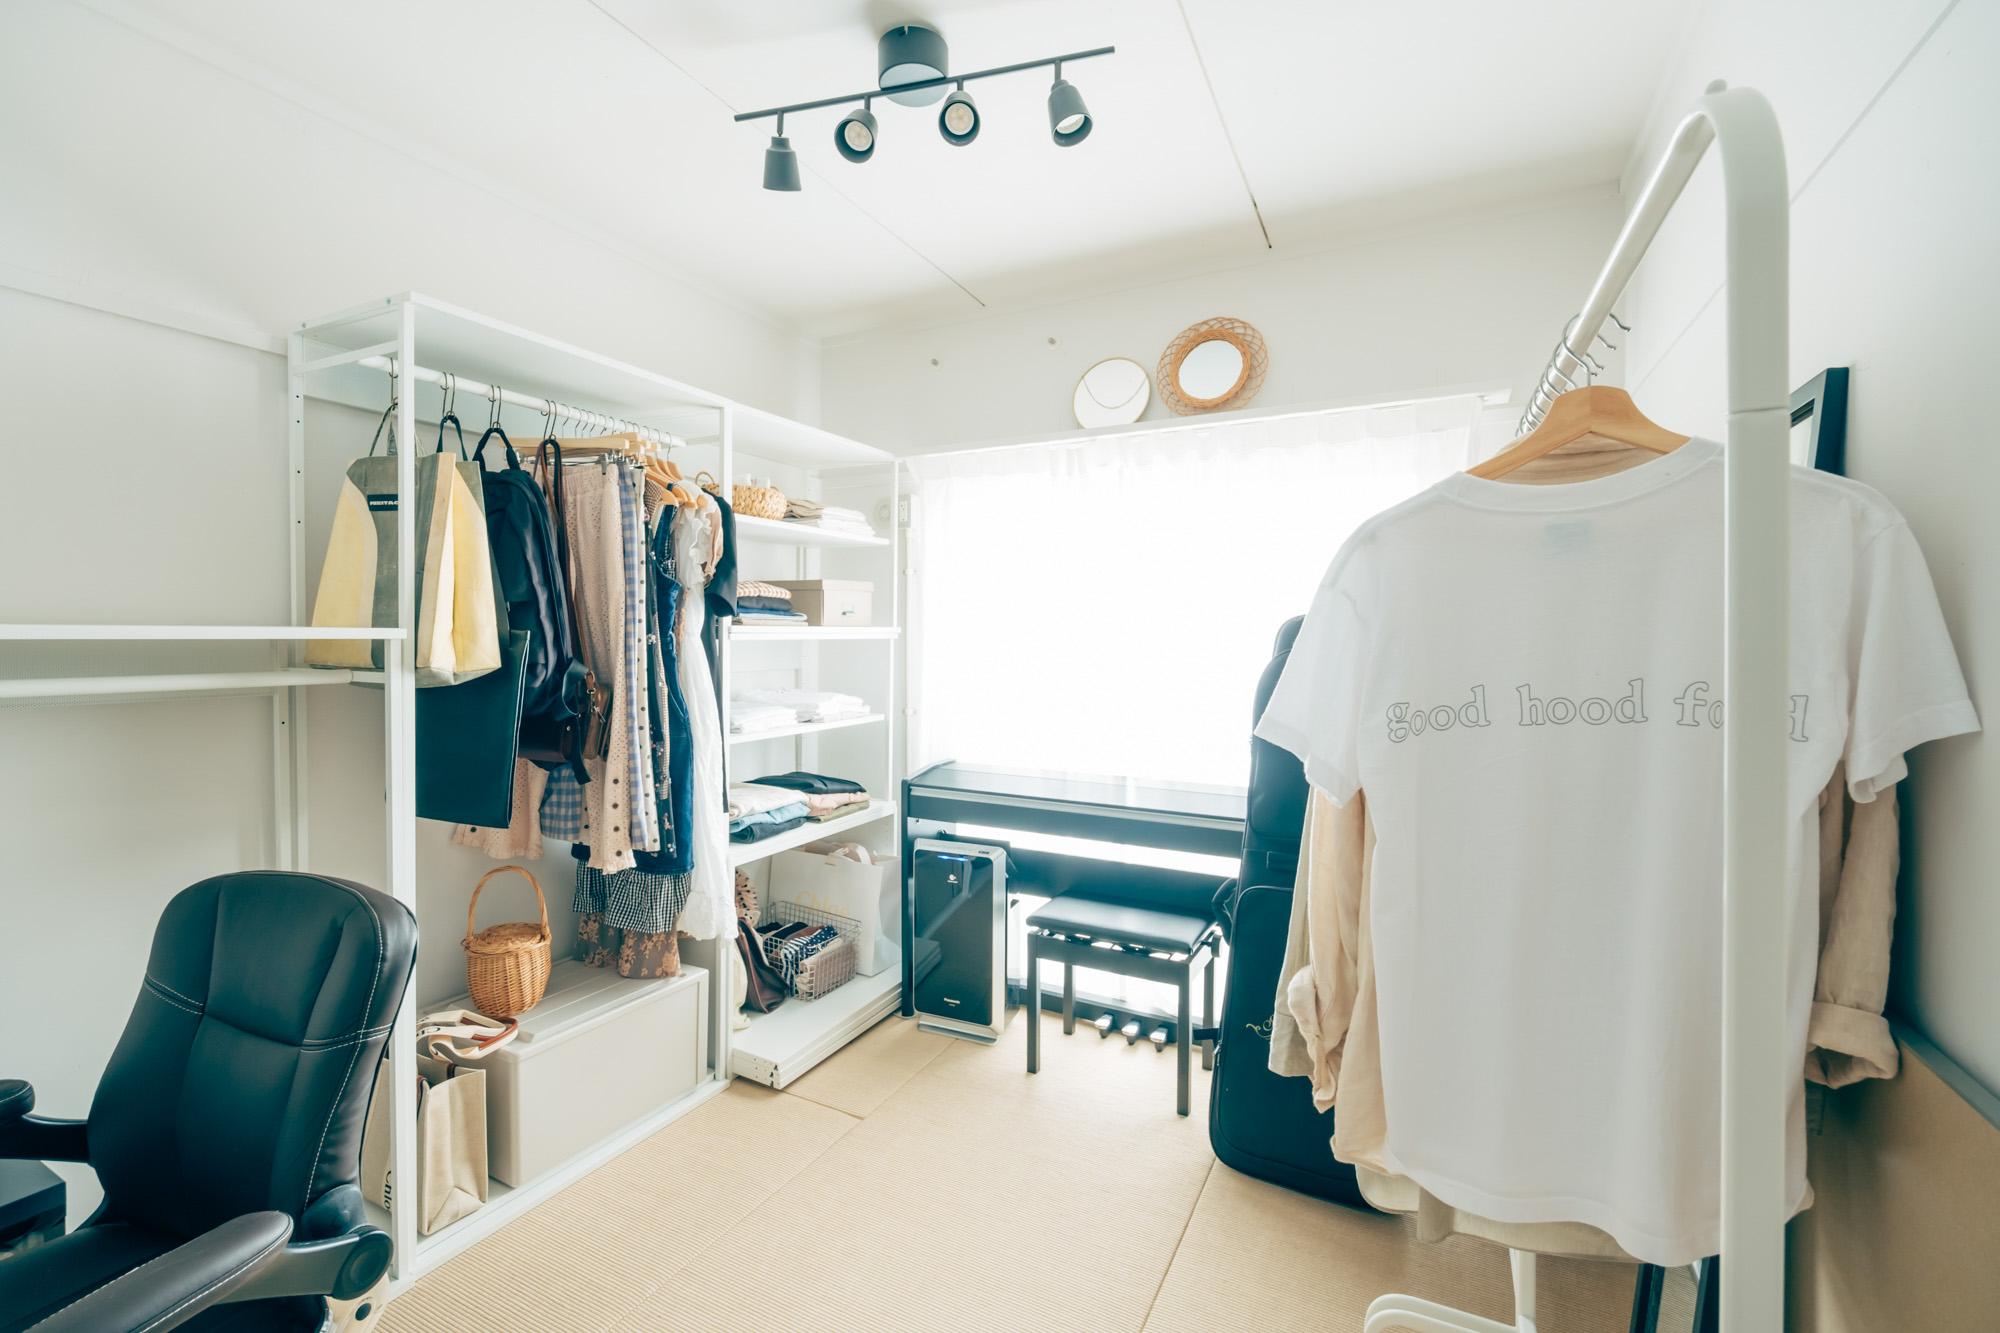 もう一方のお部屋は洋服などを収納する、ウォークインクローゼットのような使い方をされています。さらに押入れだった場所をYuさんの書斎のデスクとして活用。大きなモニターは押入れのなかにすっぽり格納されているので、インテリアを邪魔することもないのだそう。レトロな物件だからこそできる、インテリアのアイデアですね。